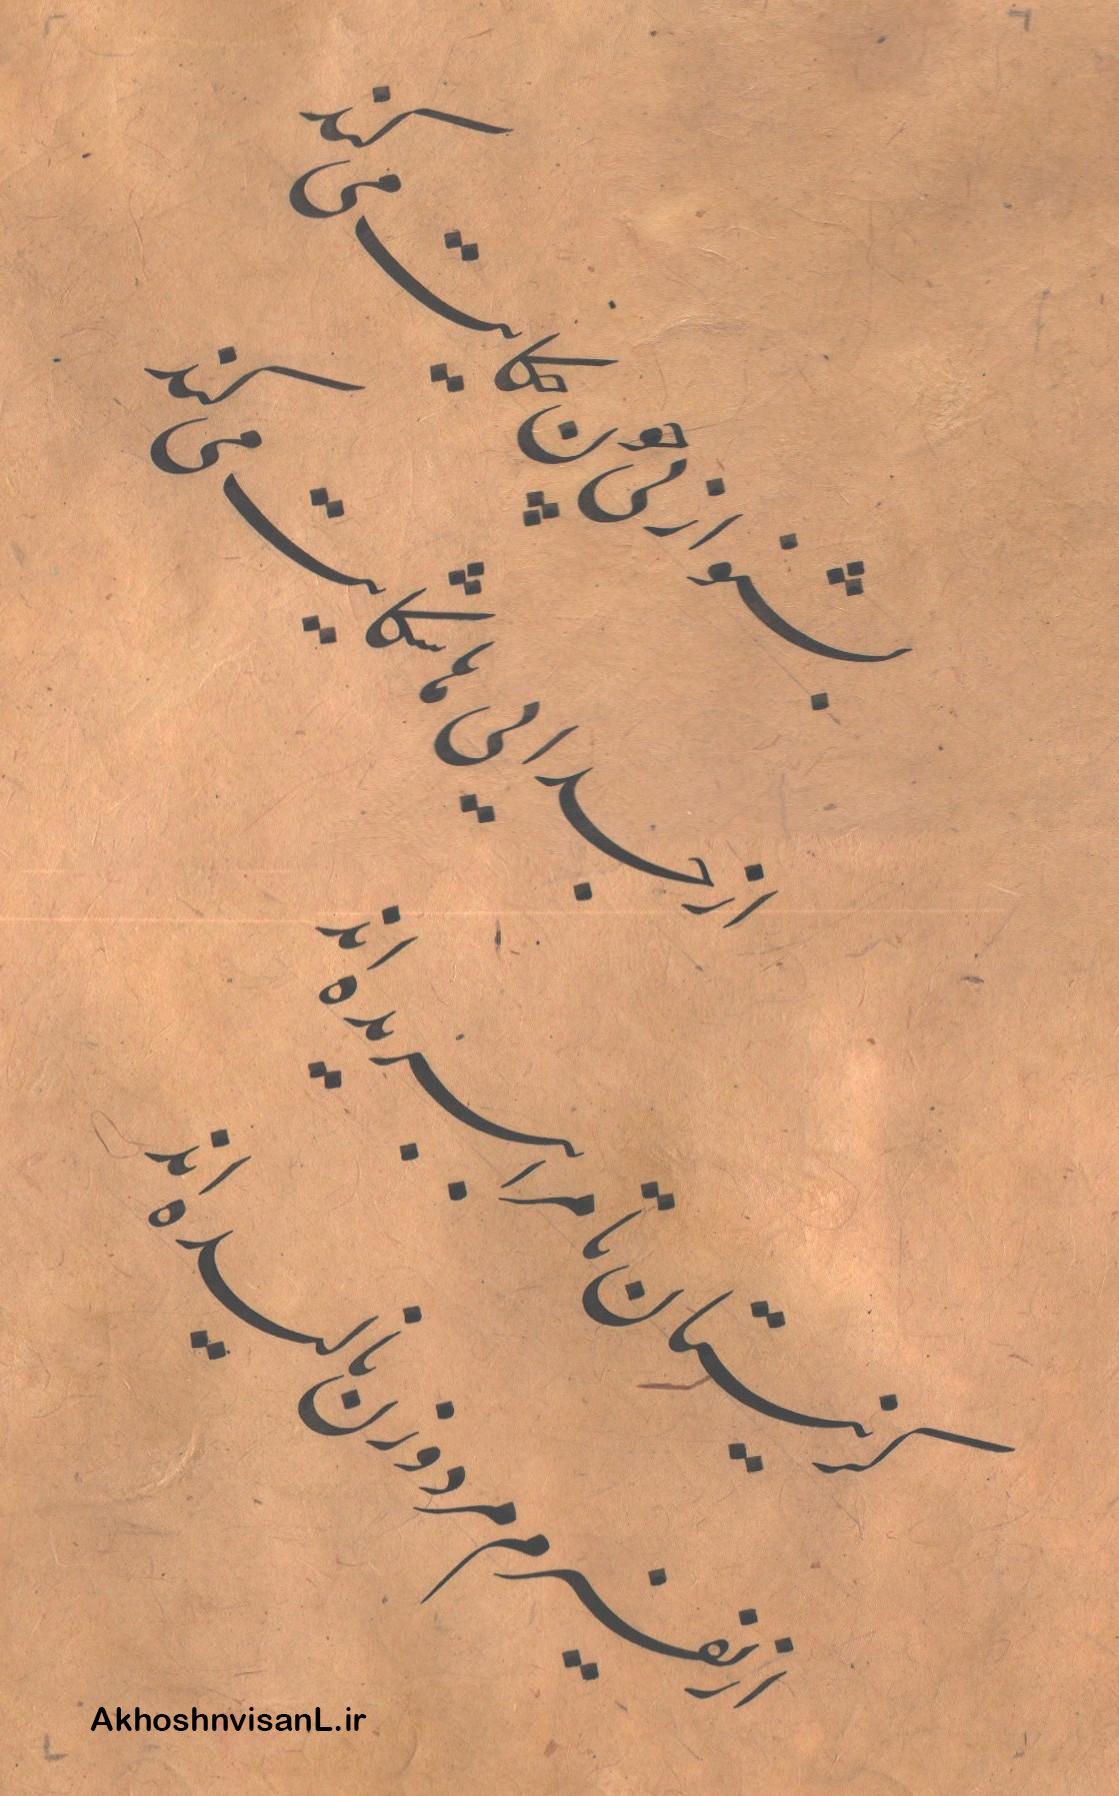 آثار فراخوان نقد و بررسی خوشنویسی 1 شهریور 97